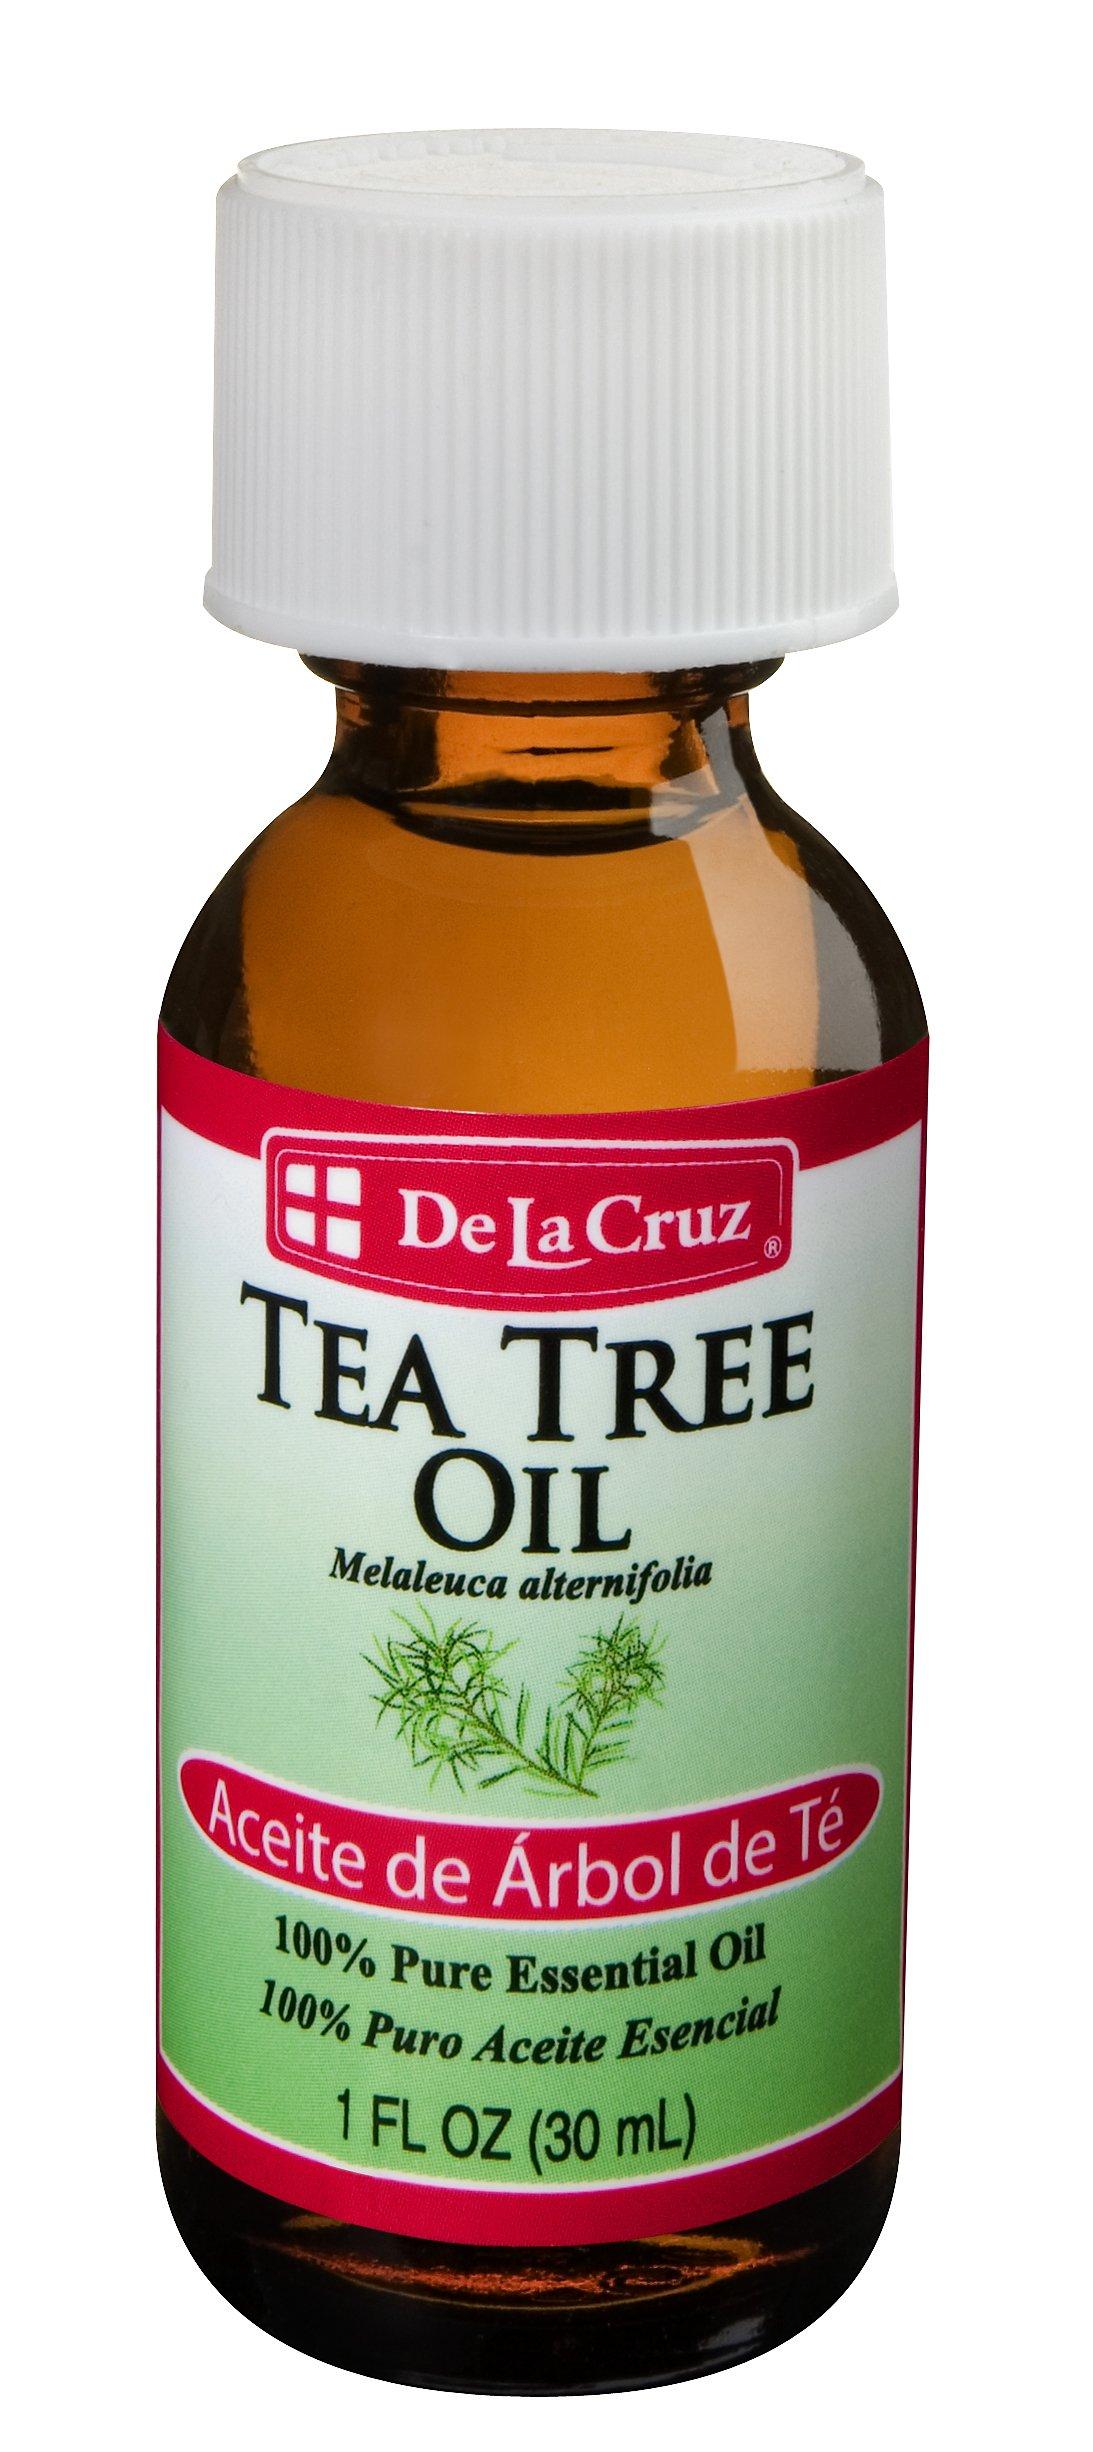 De La Cruz Tea Tree Oil, 1 Ounce